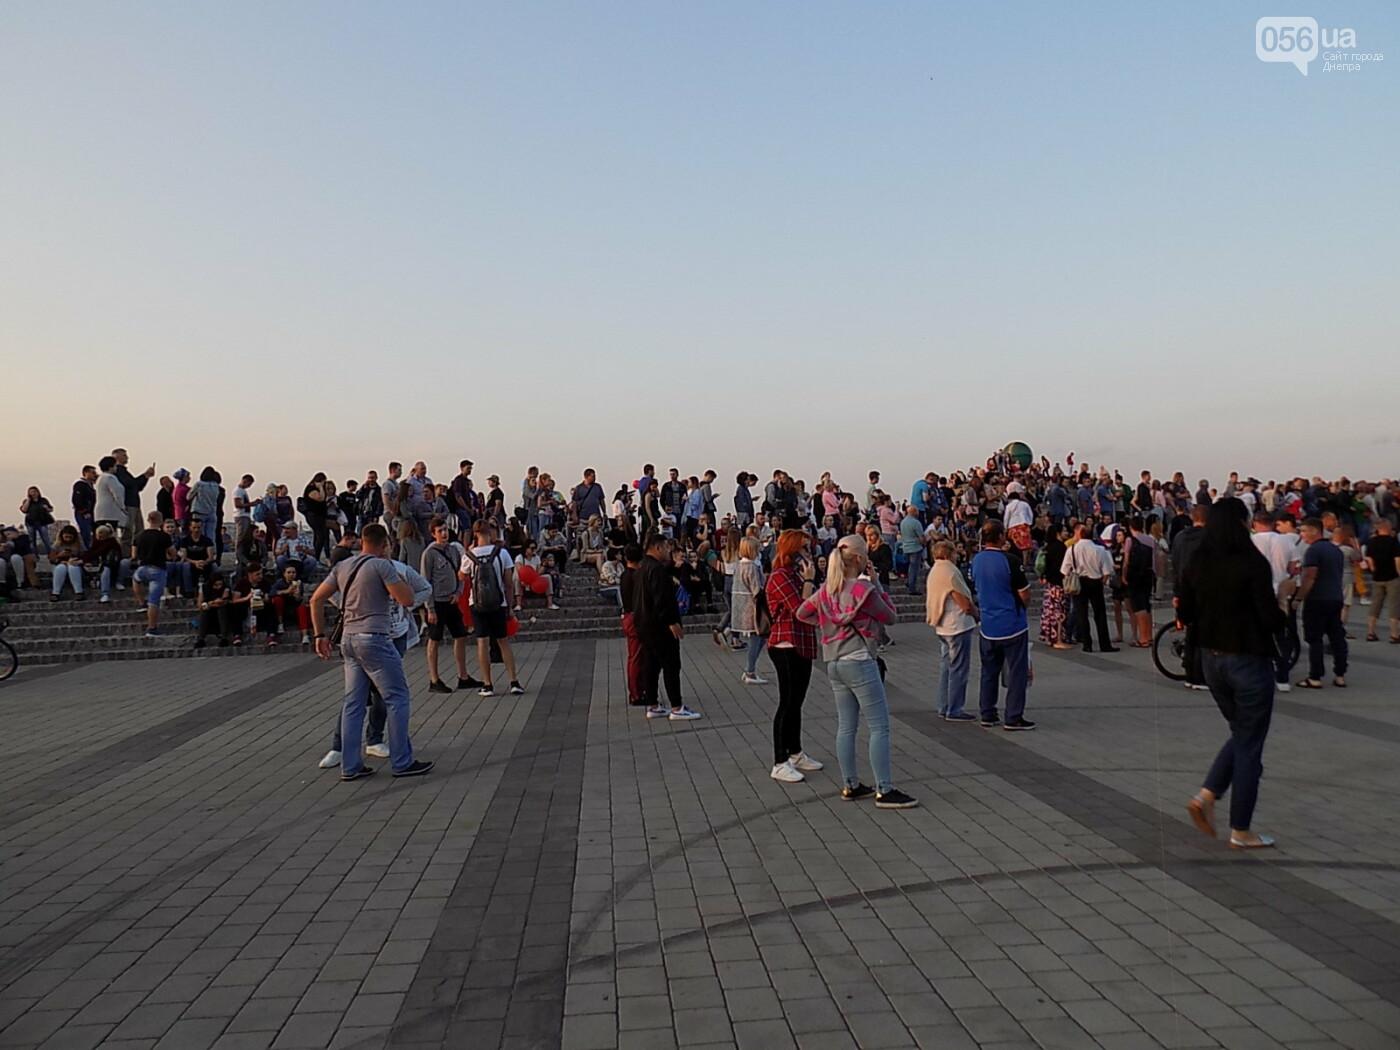 В Днепре прошел концерт группы Океан Эльзы: как это было, - ФОТО, фото-7